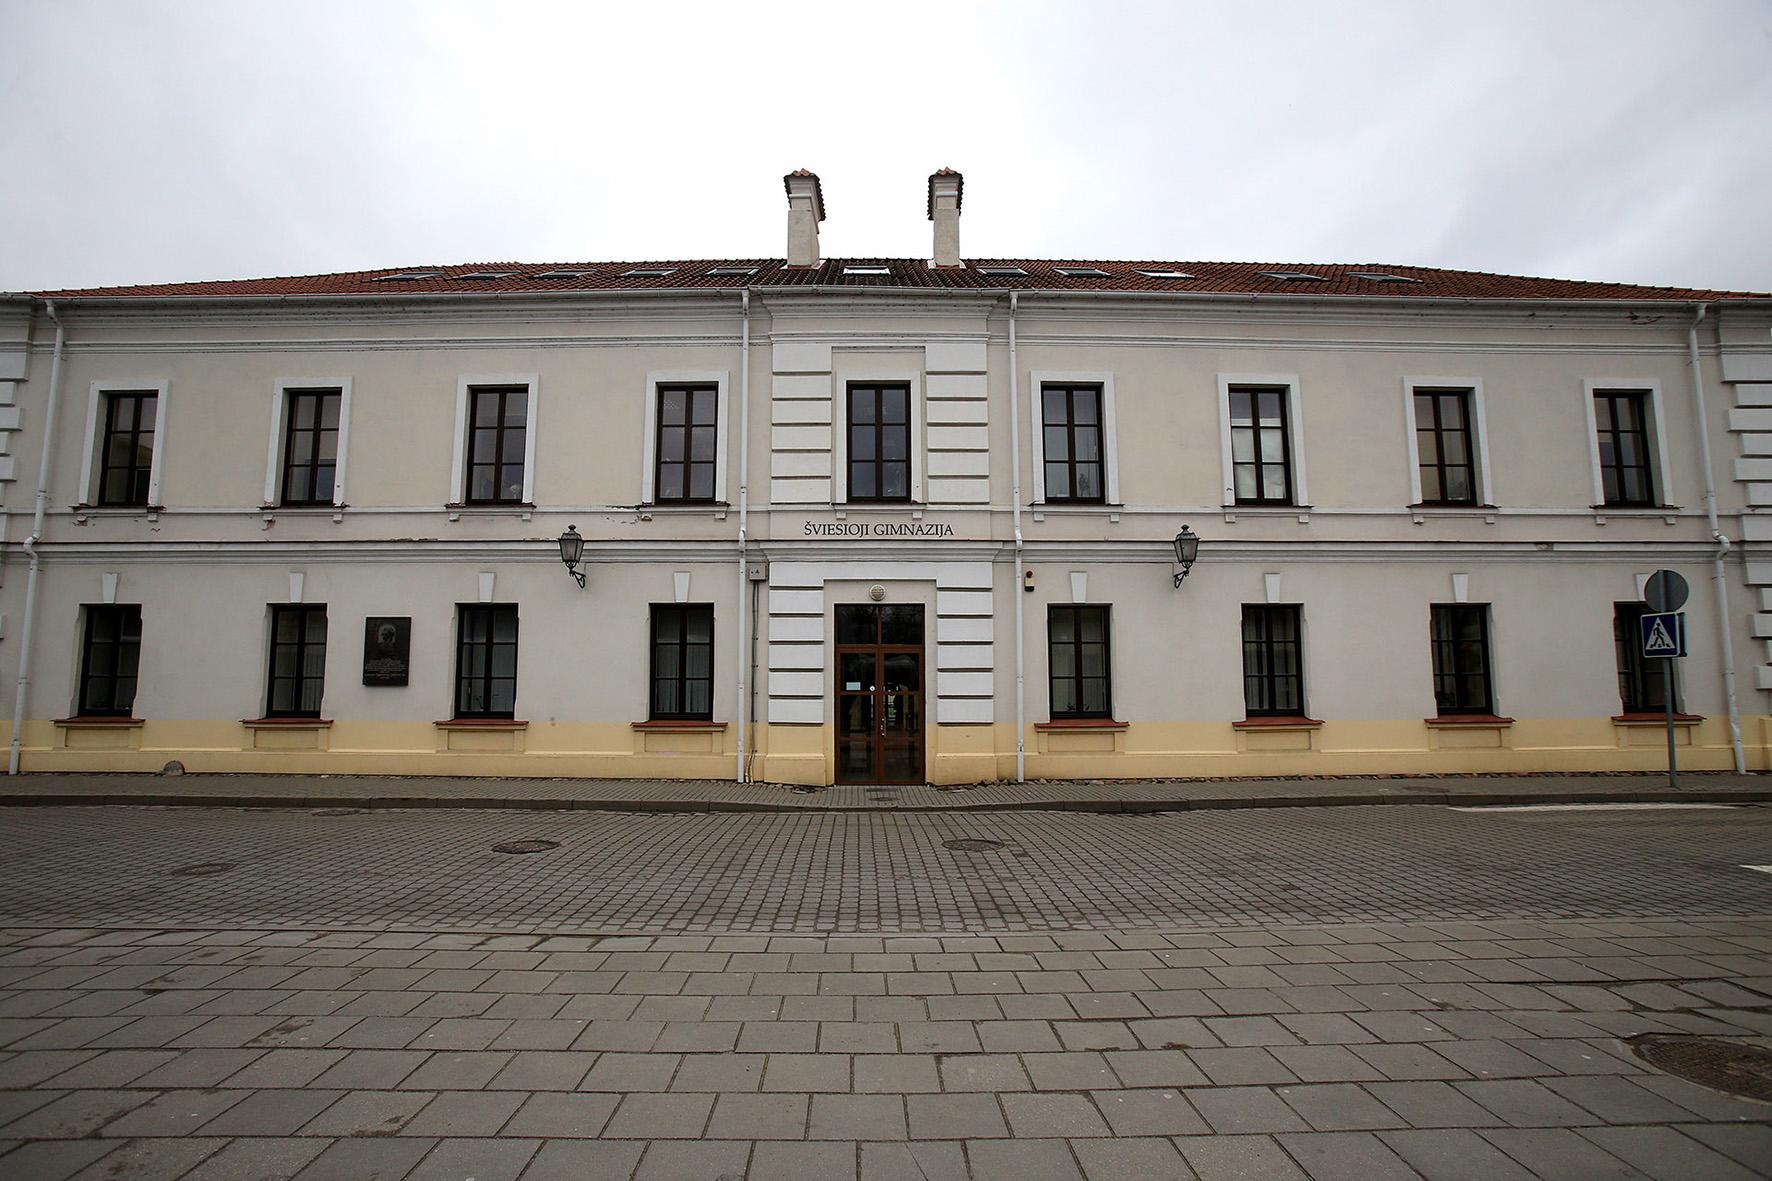 Šviesiojoje gimnazijoje įkurta Sėkmės ir lyderystės mokykla šiemet išleis pirmąją laidą. Joje – 63 jaunieji lyderiai. A. Barzdžiaus nuotr.